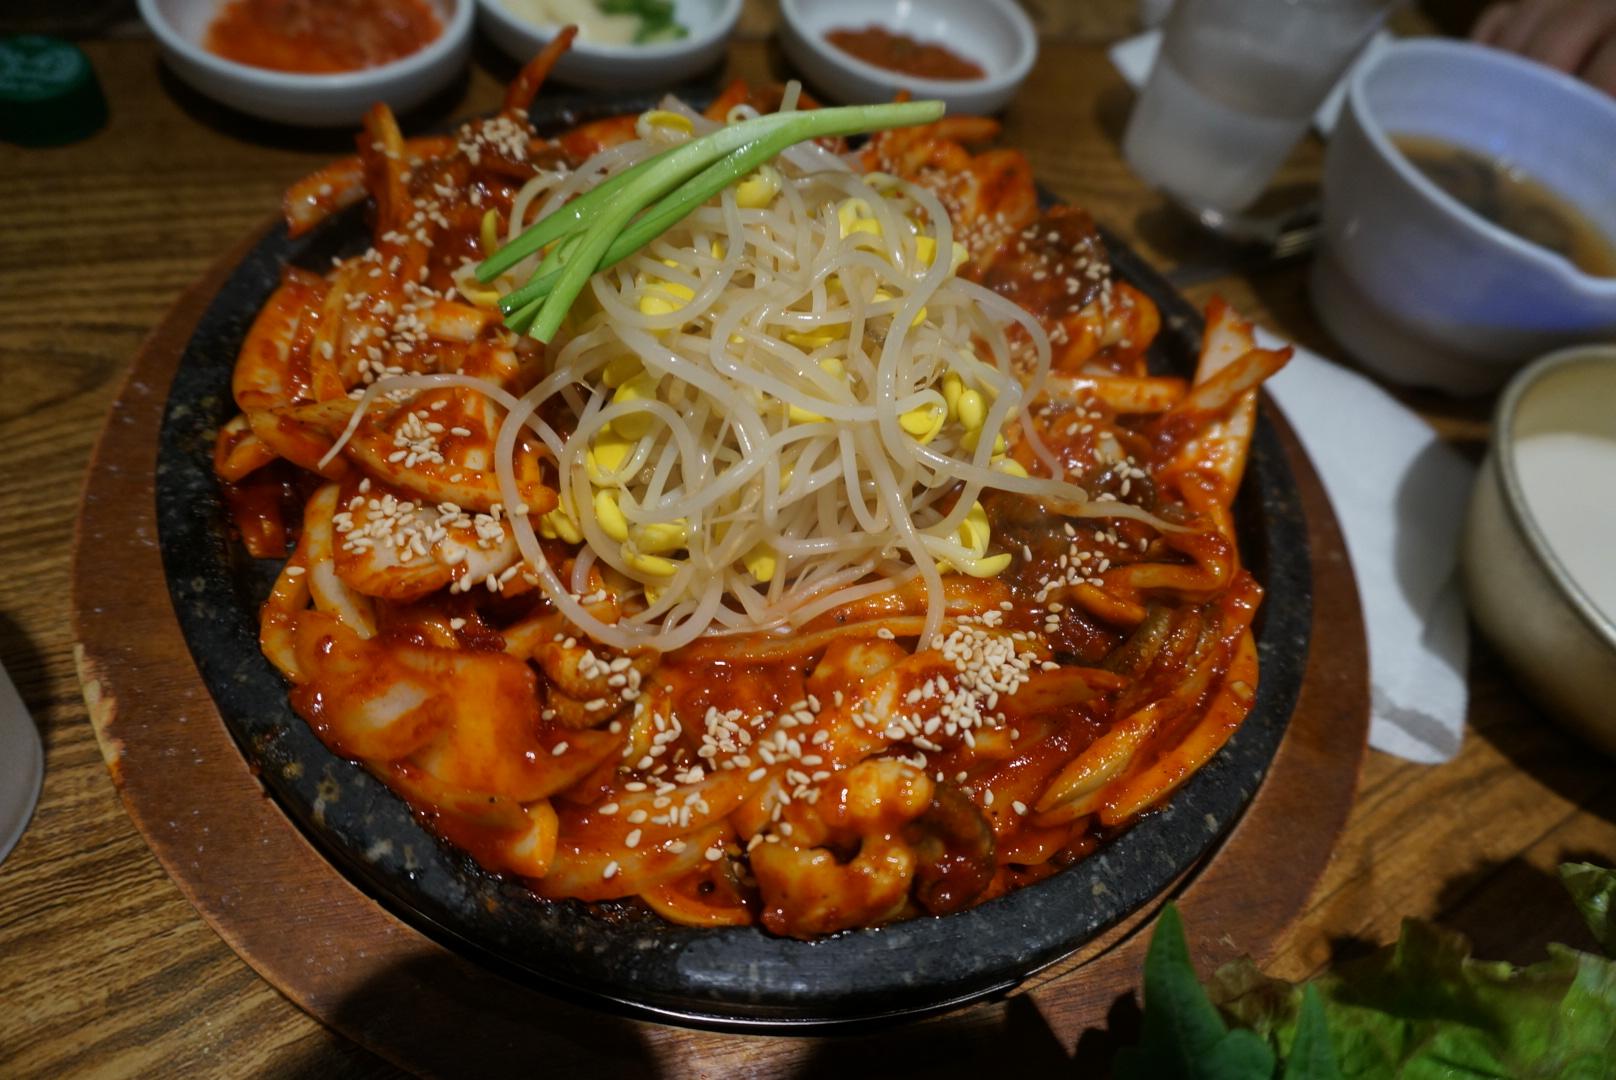 조원동 맛집 시골밥상 & 감자옹심이